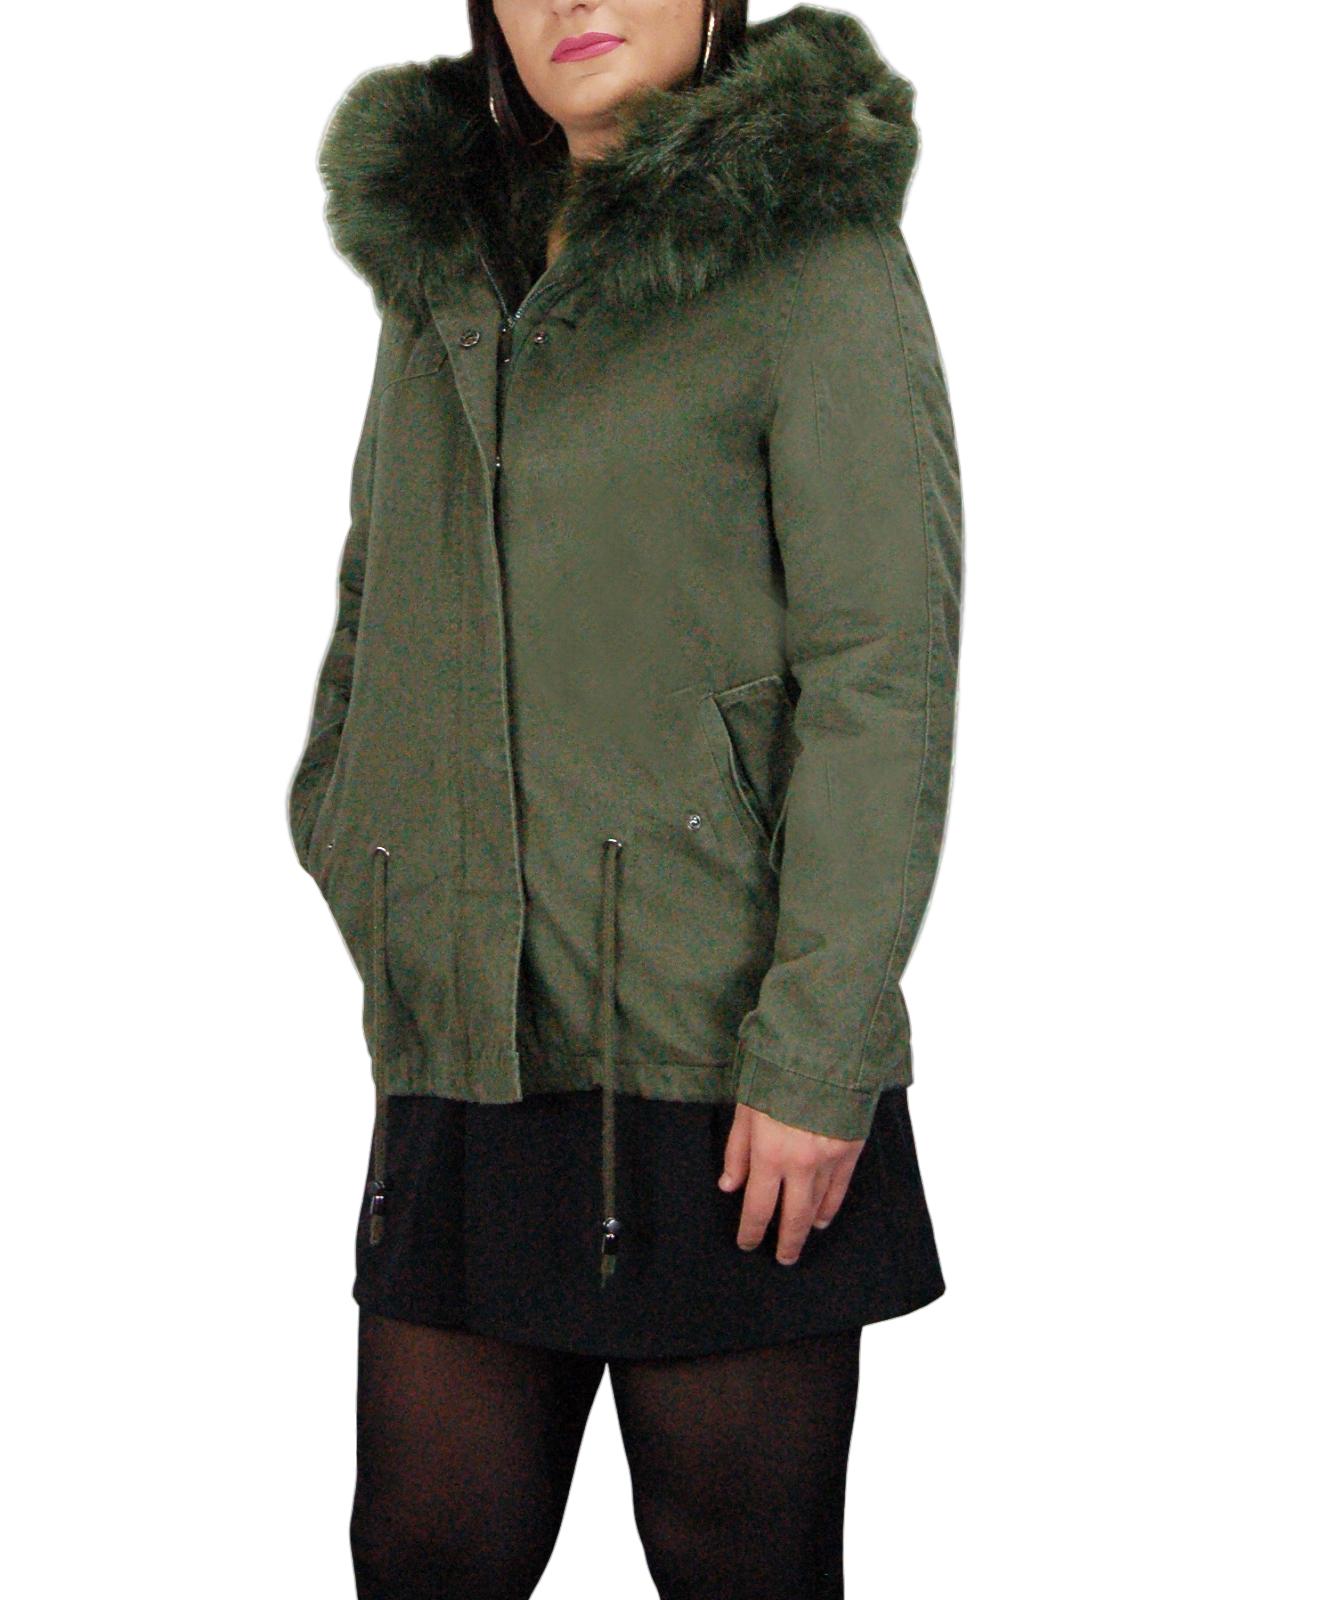 Parka-Donna-Invernale-Giubbotto-cappuccio-pelliccia-Cappotto-Imbottito-Lungo miniatura 23